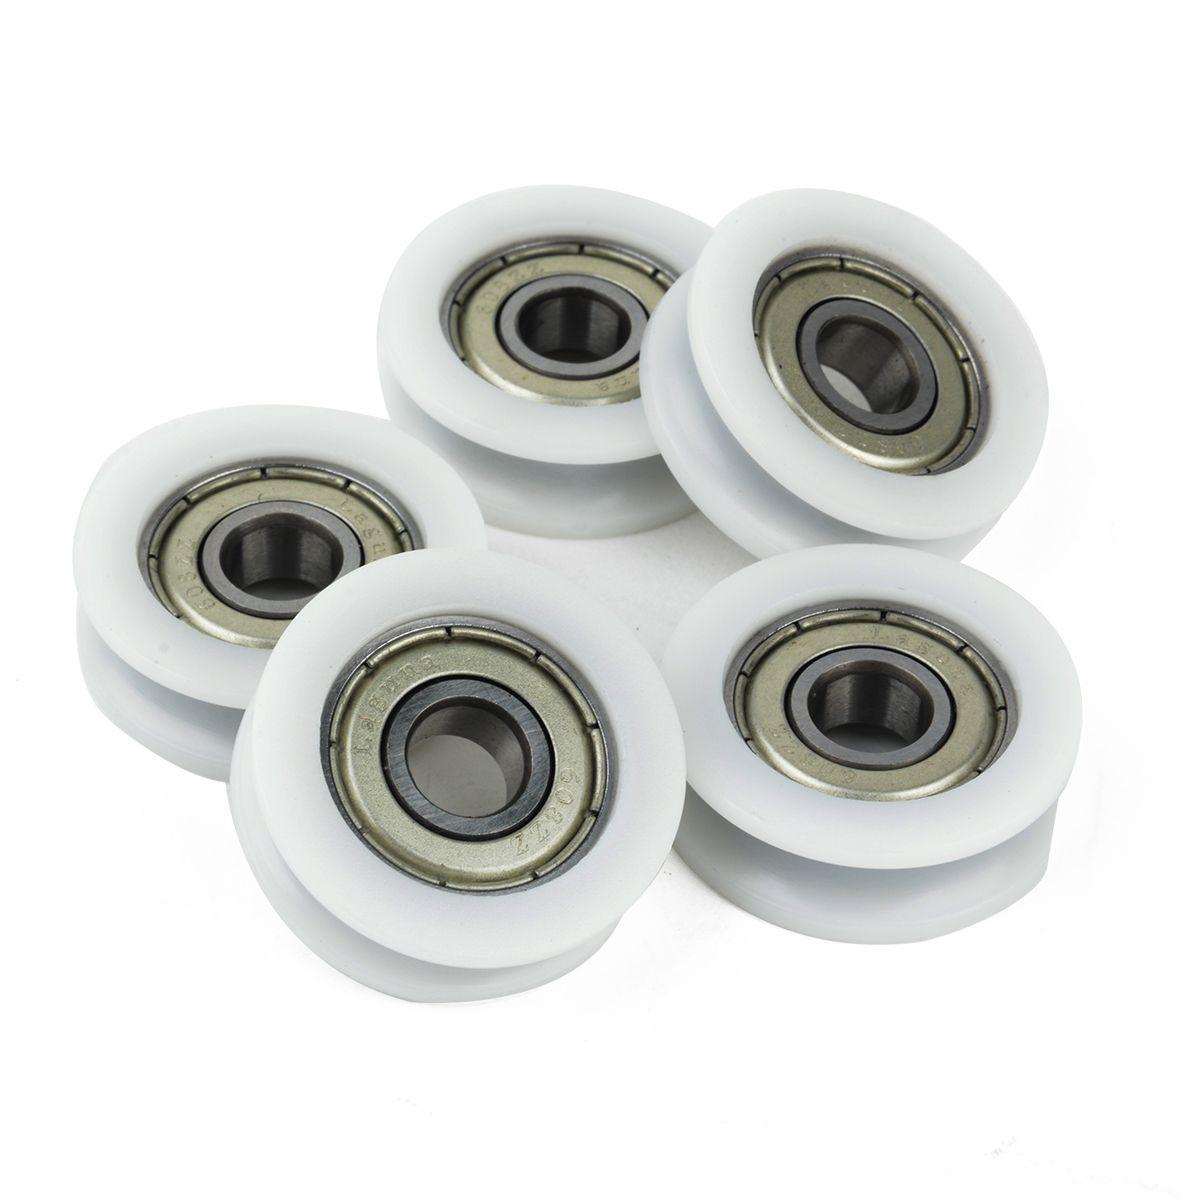 5 stücke Neue U Rillenkugellager Nylon Kunststoff Embedded 608 Führungsrolle 8*30*10mm